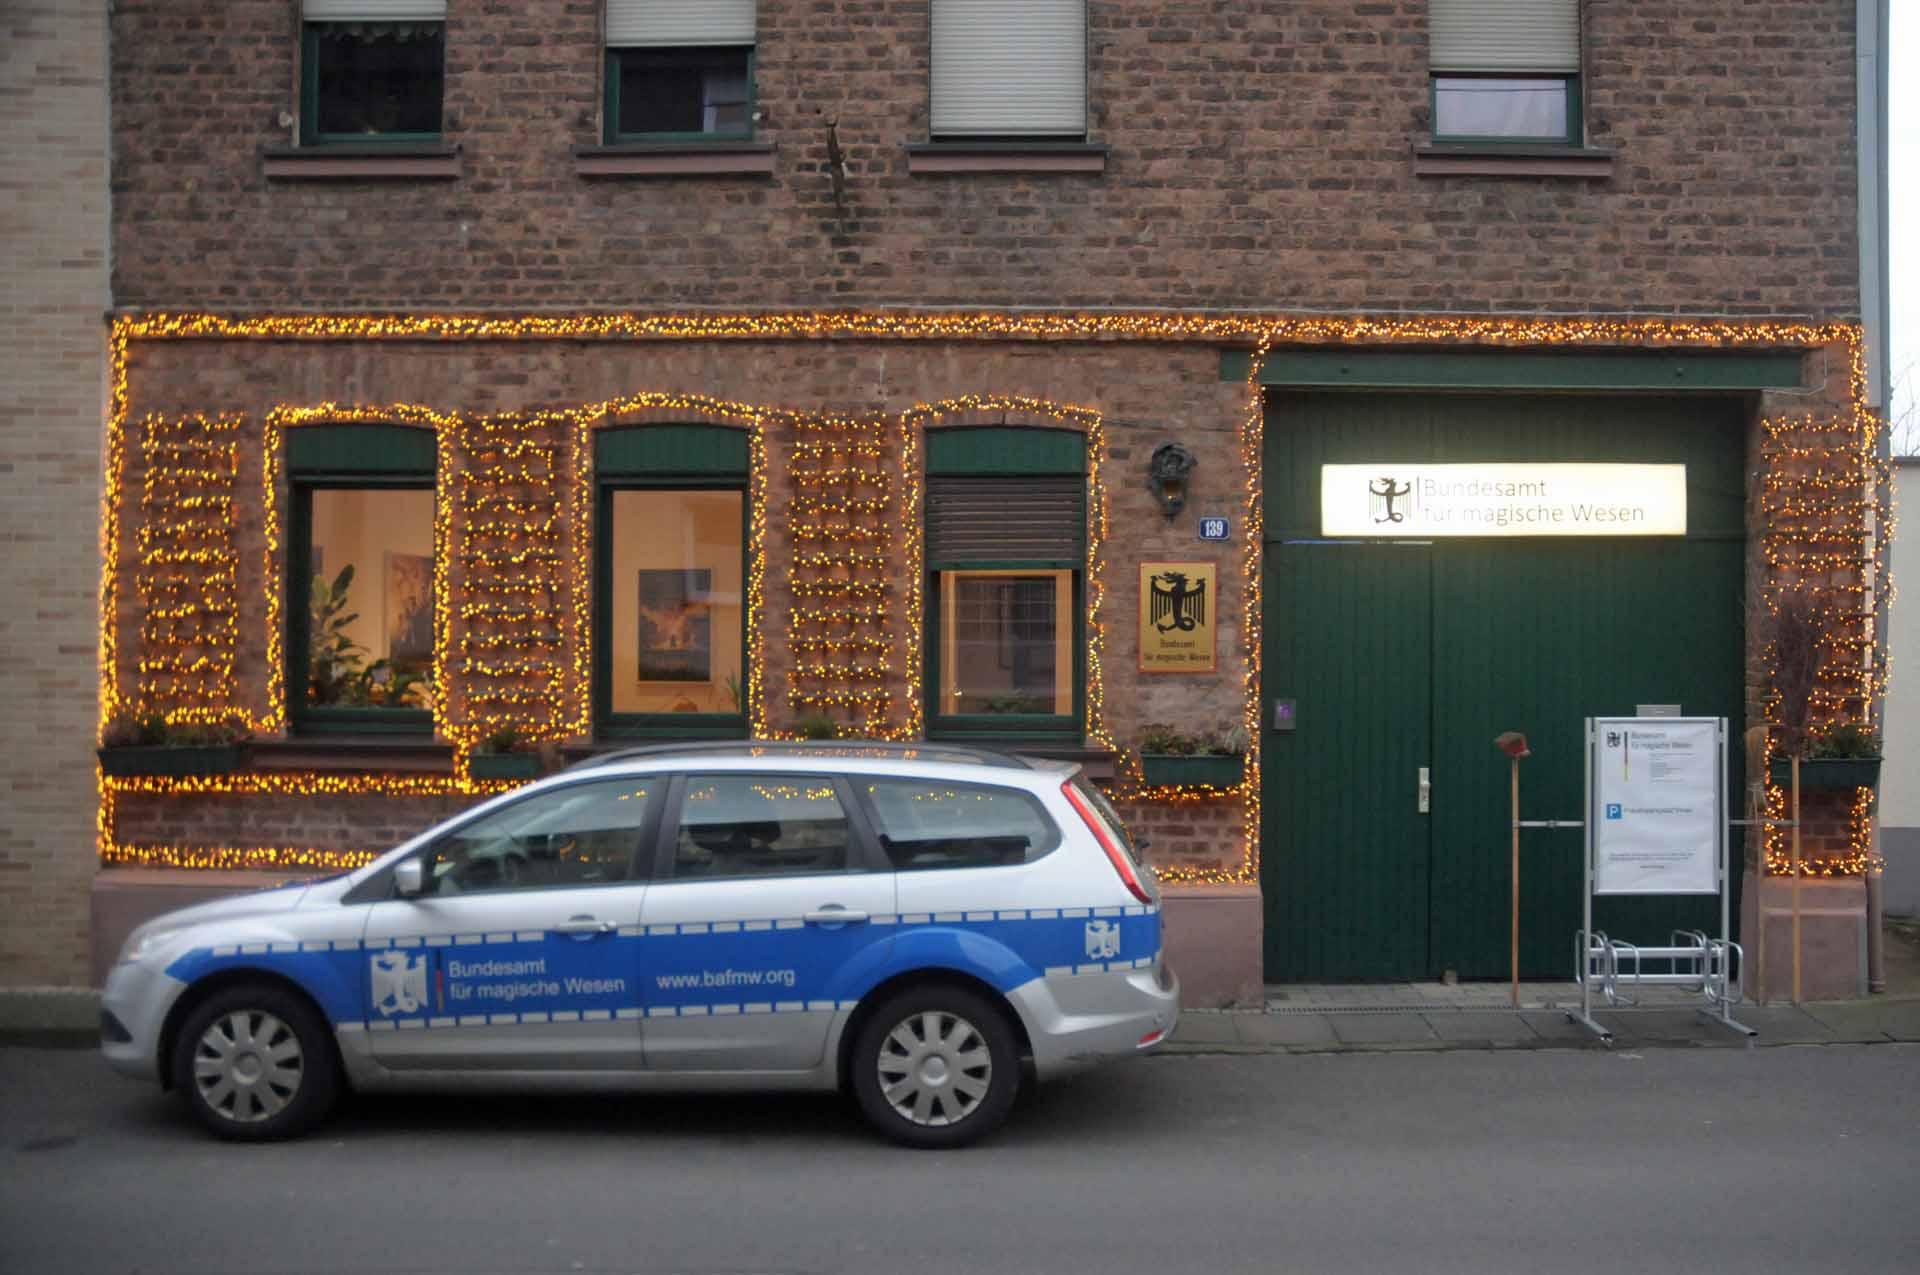 Das weihnachtlich dekorierte Bundesamt für magische Wesen in Bonn